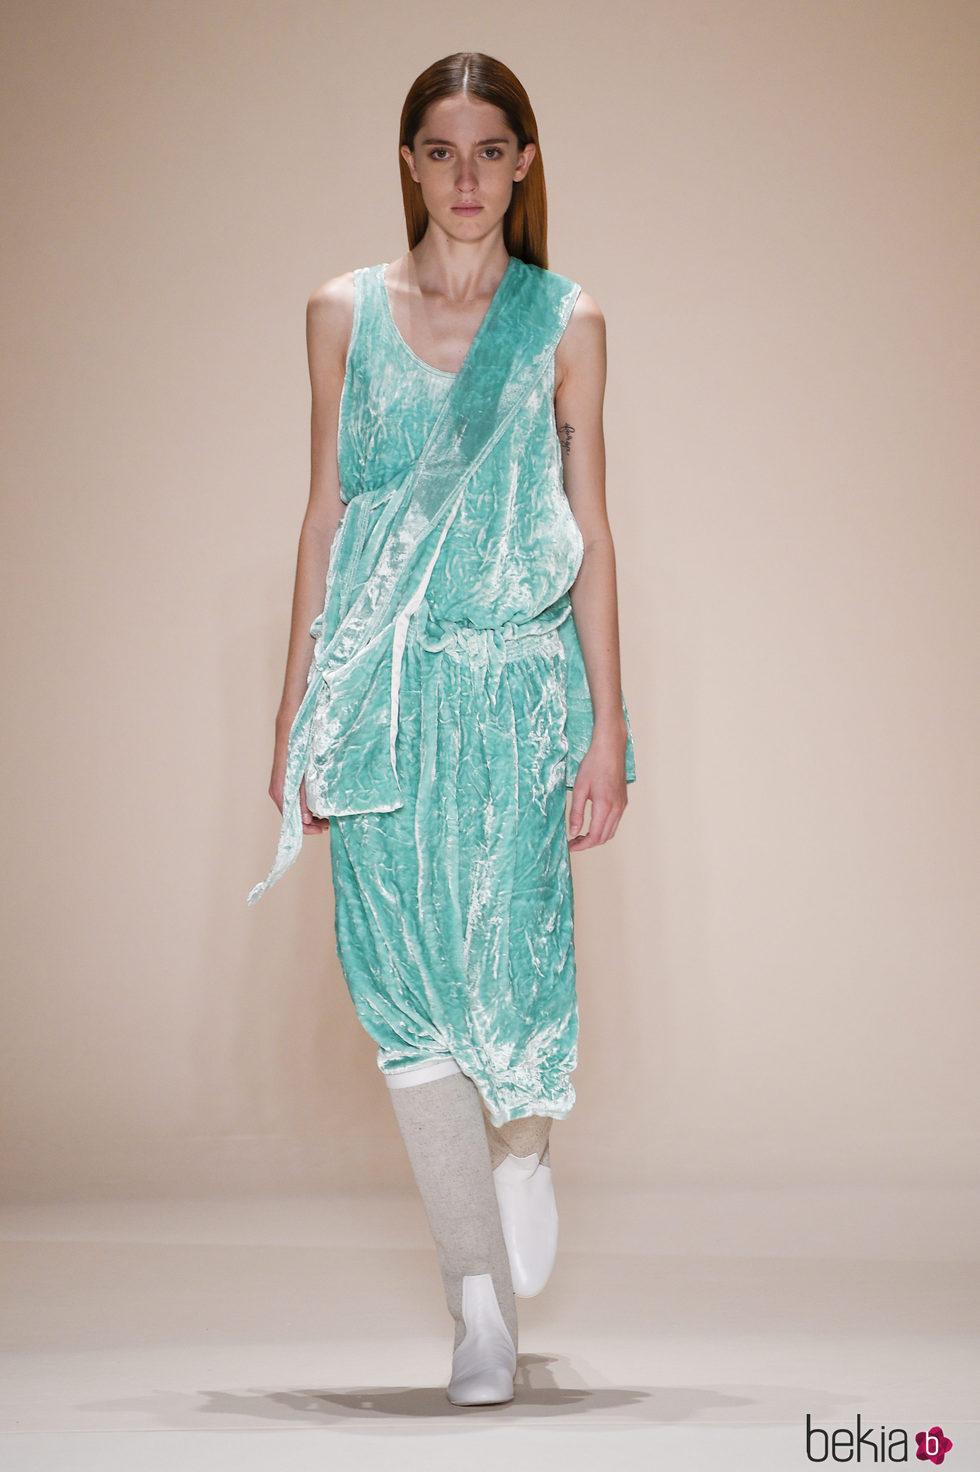 bffb8c792a Anterior Vestido verde aguamarina de terciopelo de la colección  primavera verano 2017 de Victoria Beckham en